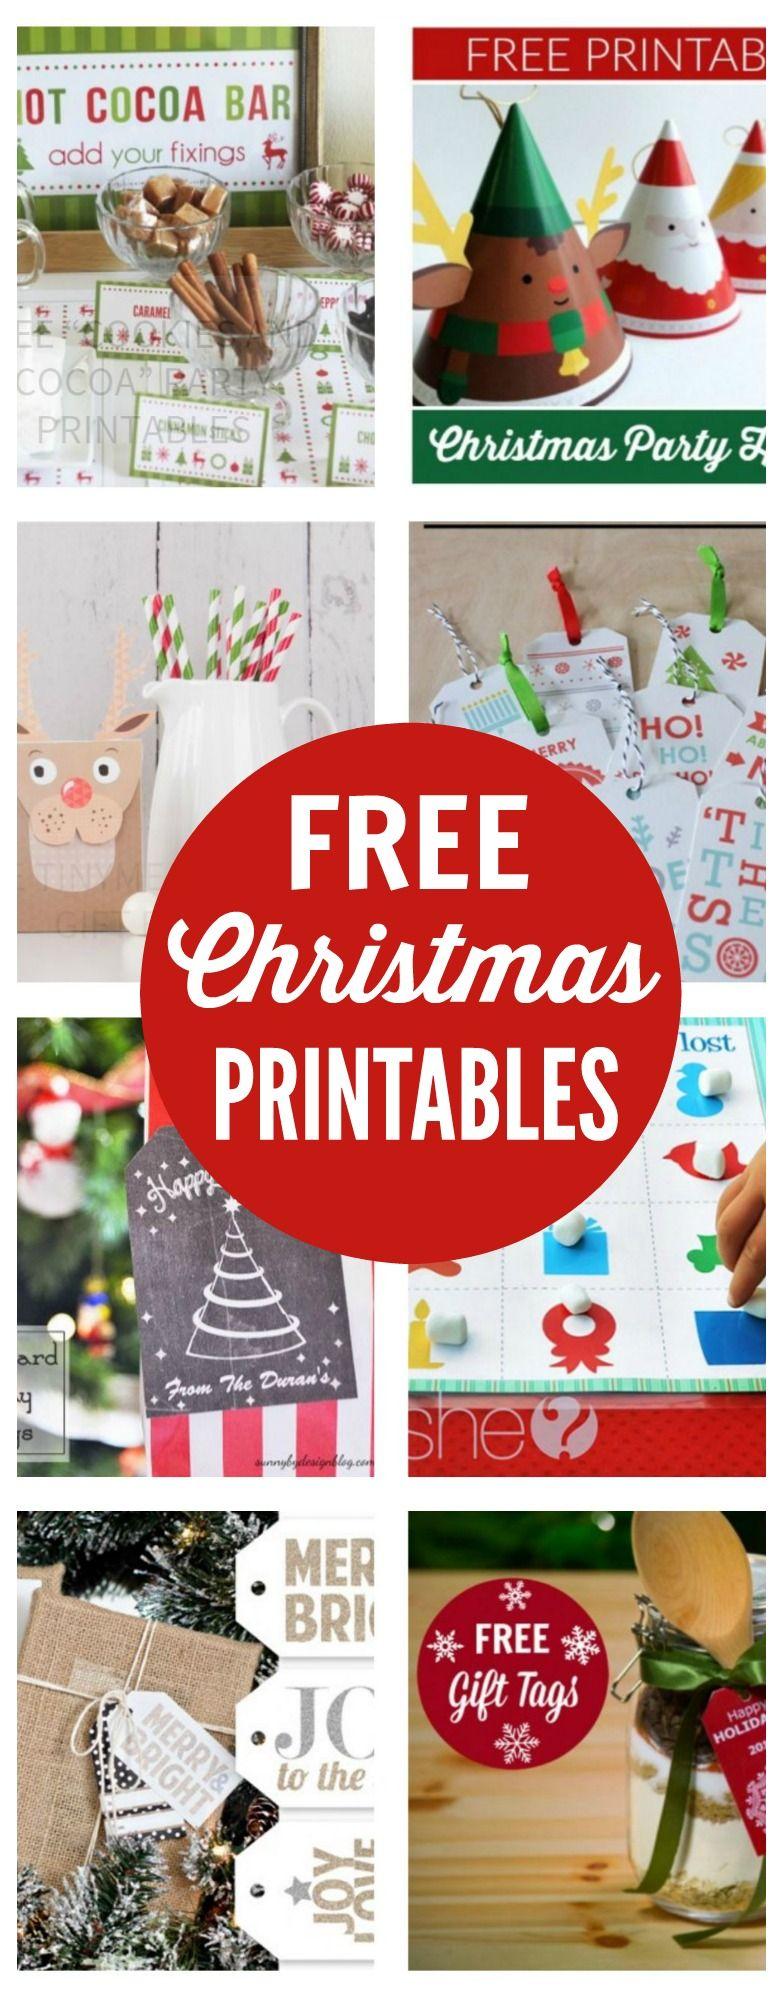 Ho ho holiday printouts to color - Free Christmas Printables